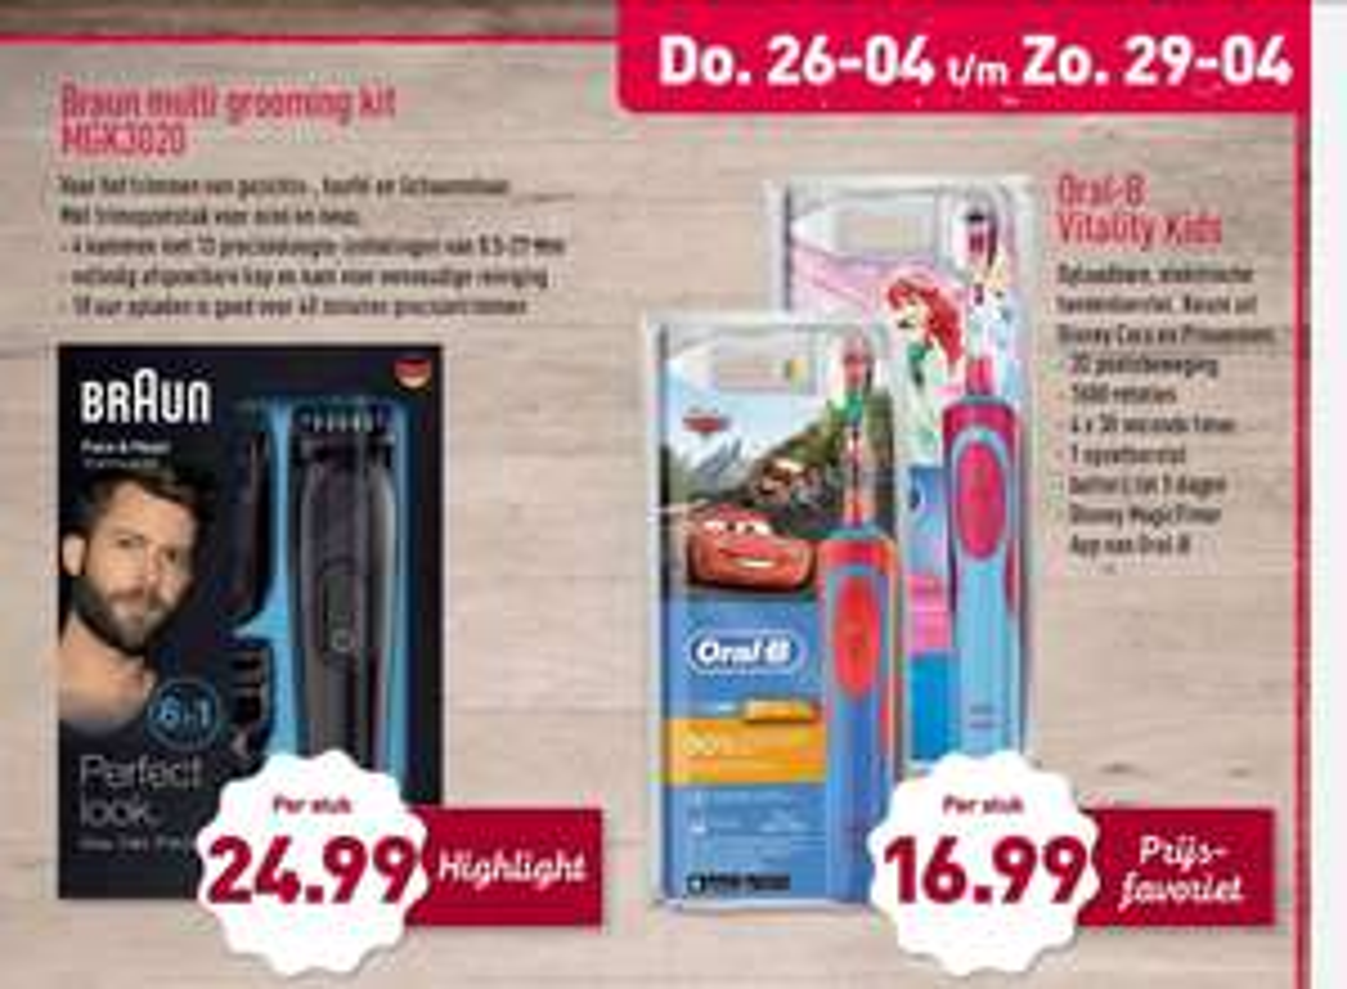 Braun multi grooming kit mgk3020 @ Aldi